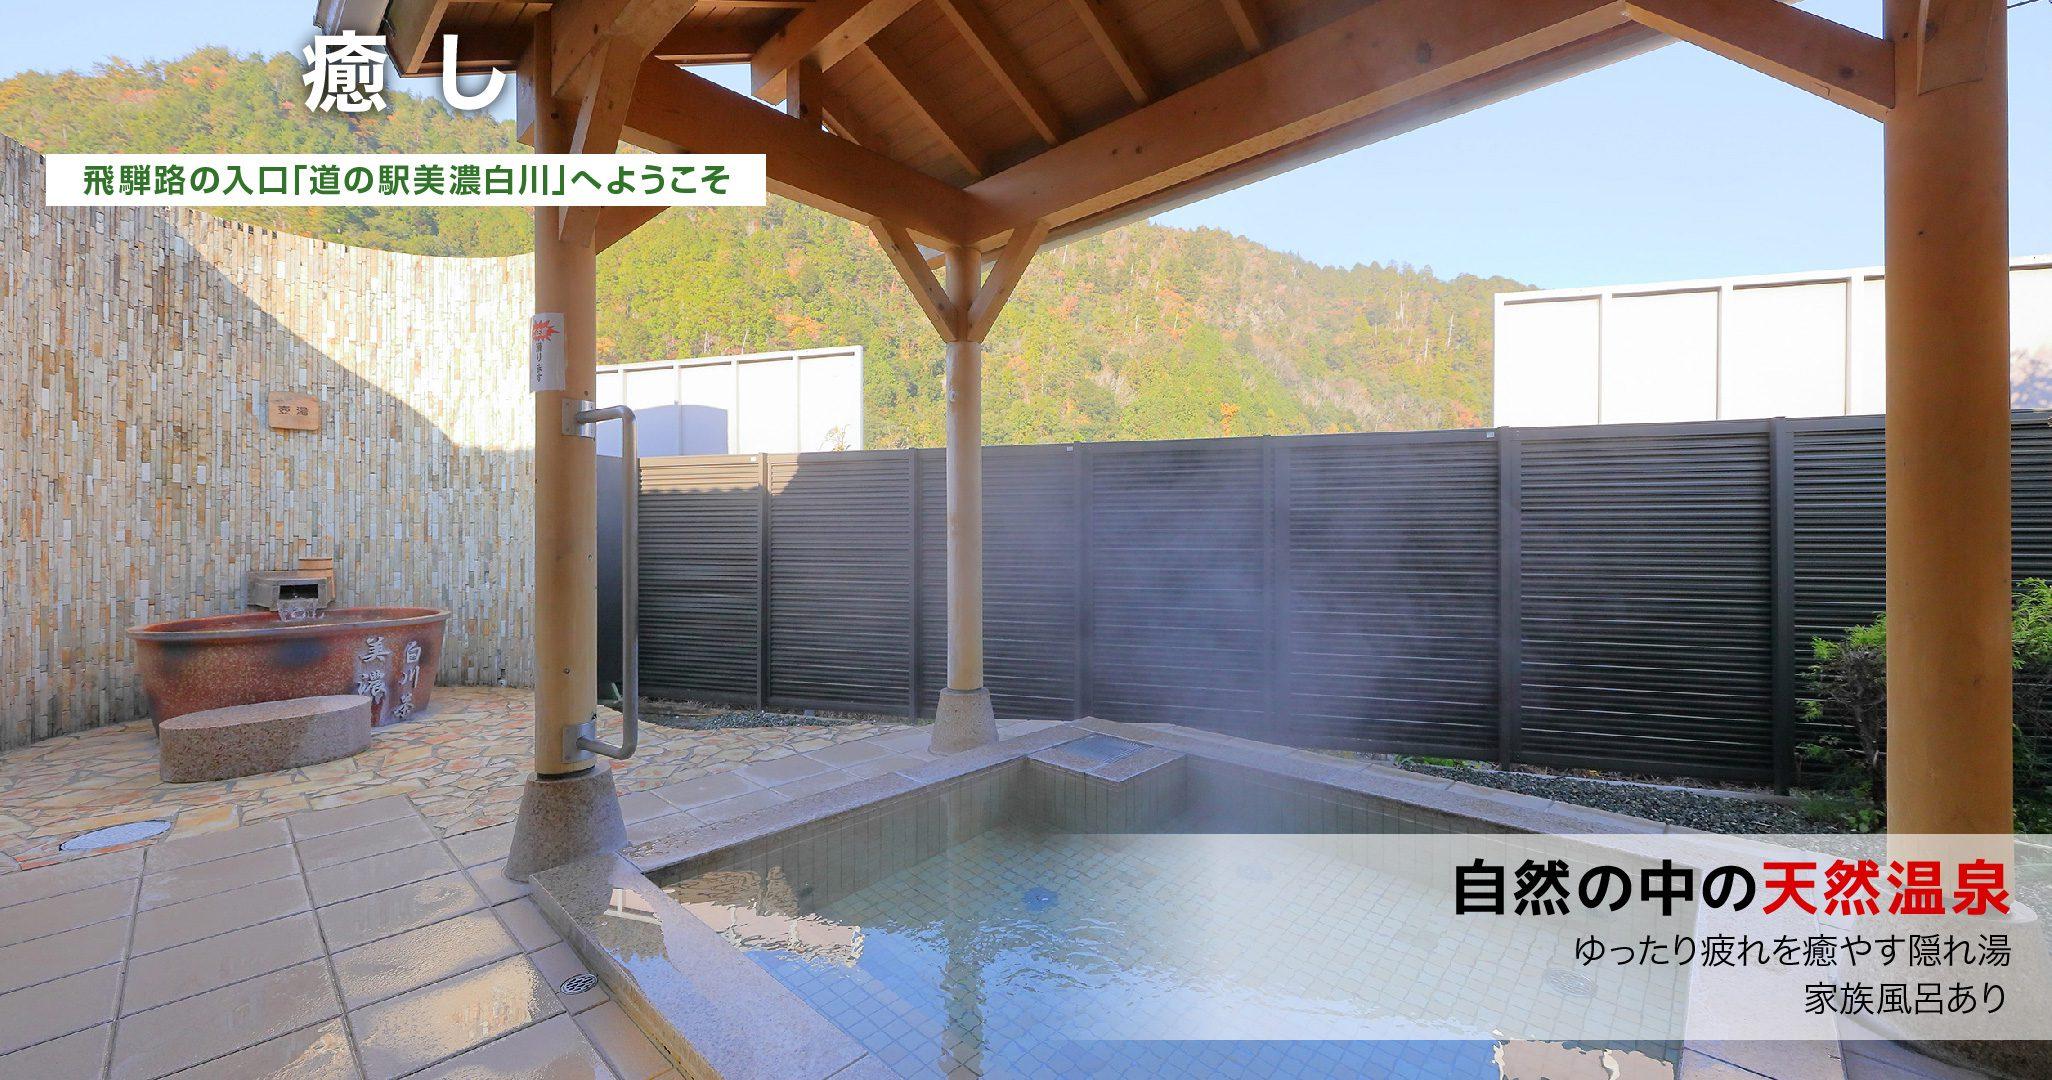 自然の中の天然温泉